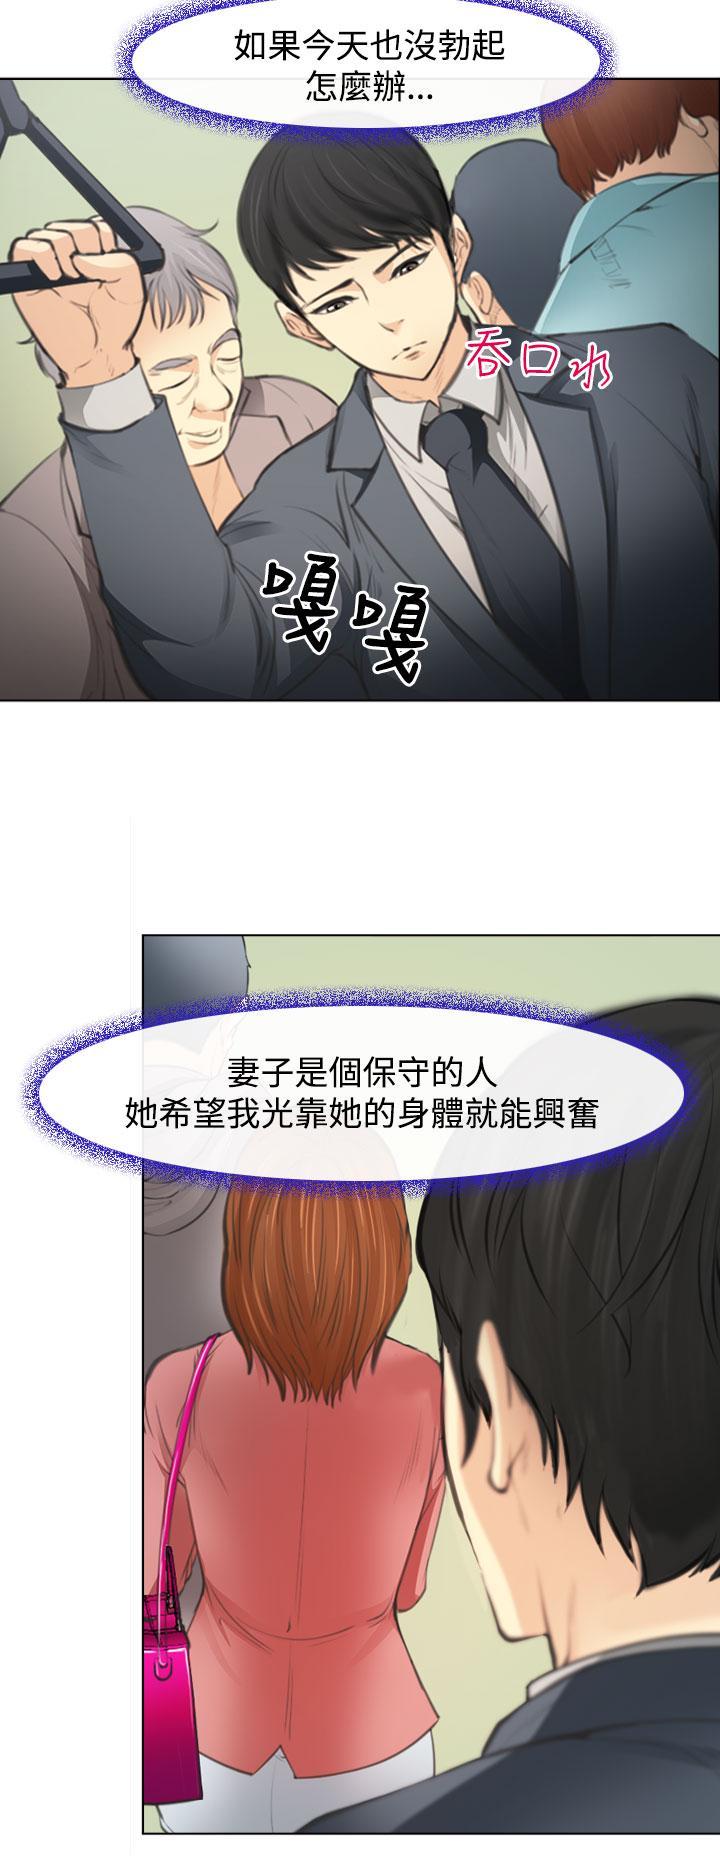 中文韩漫 他與她 Ch.0-5 29